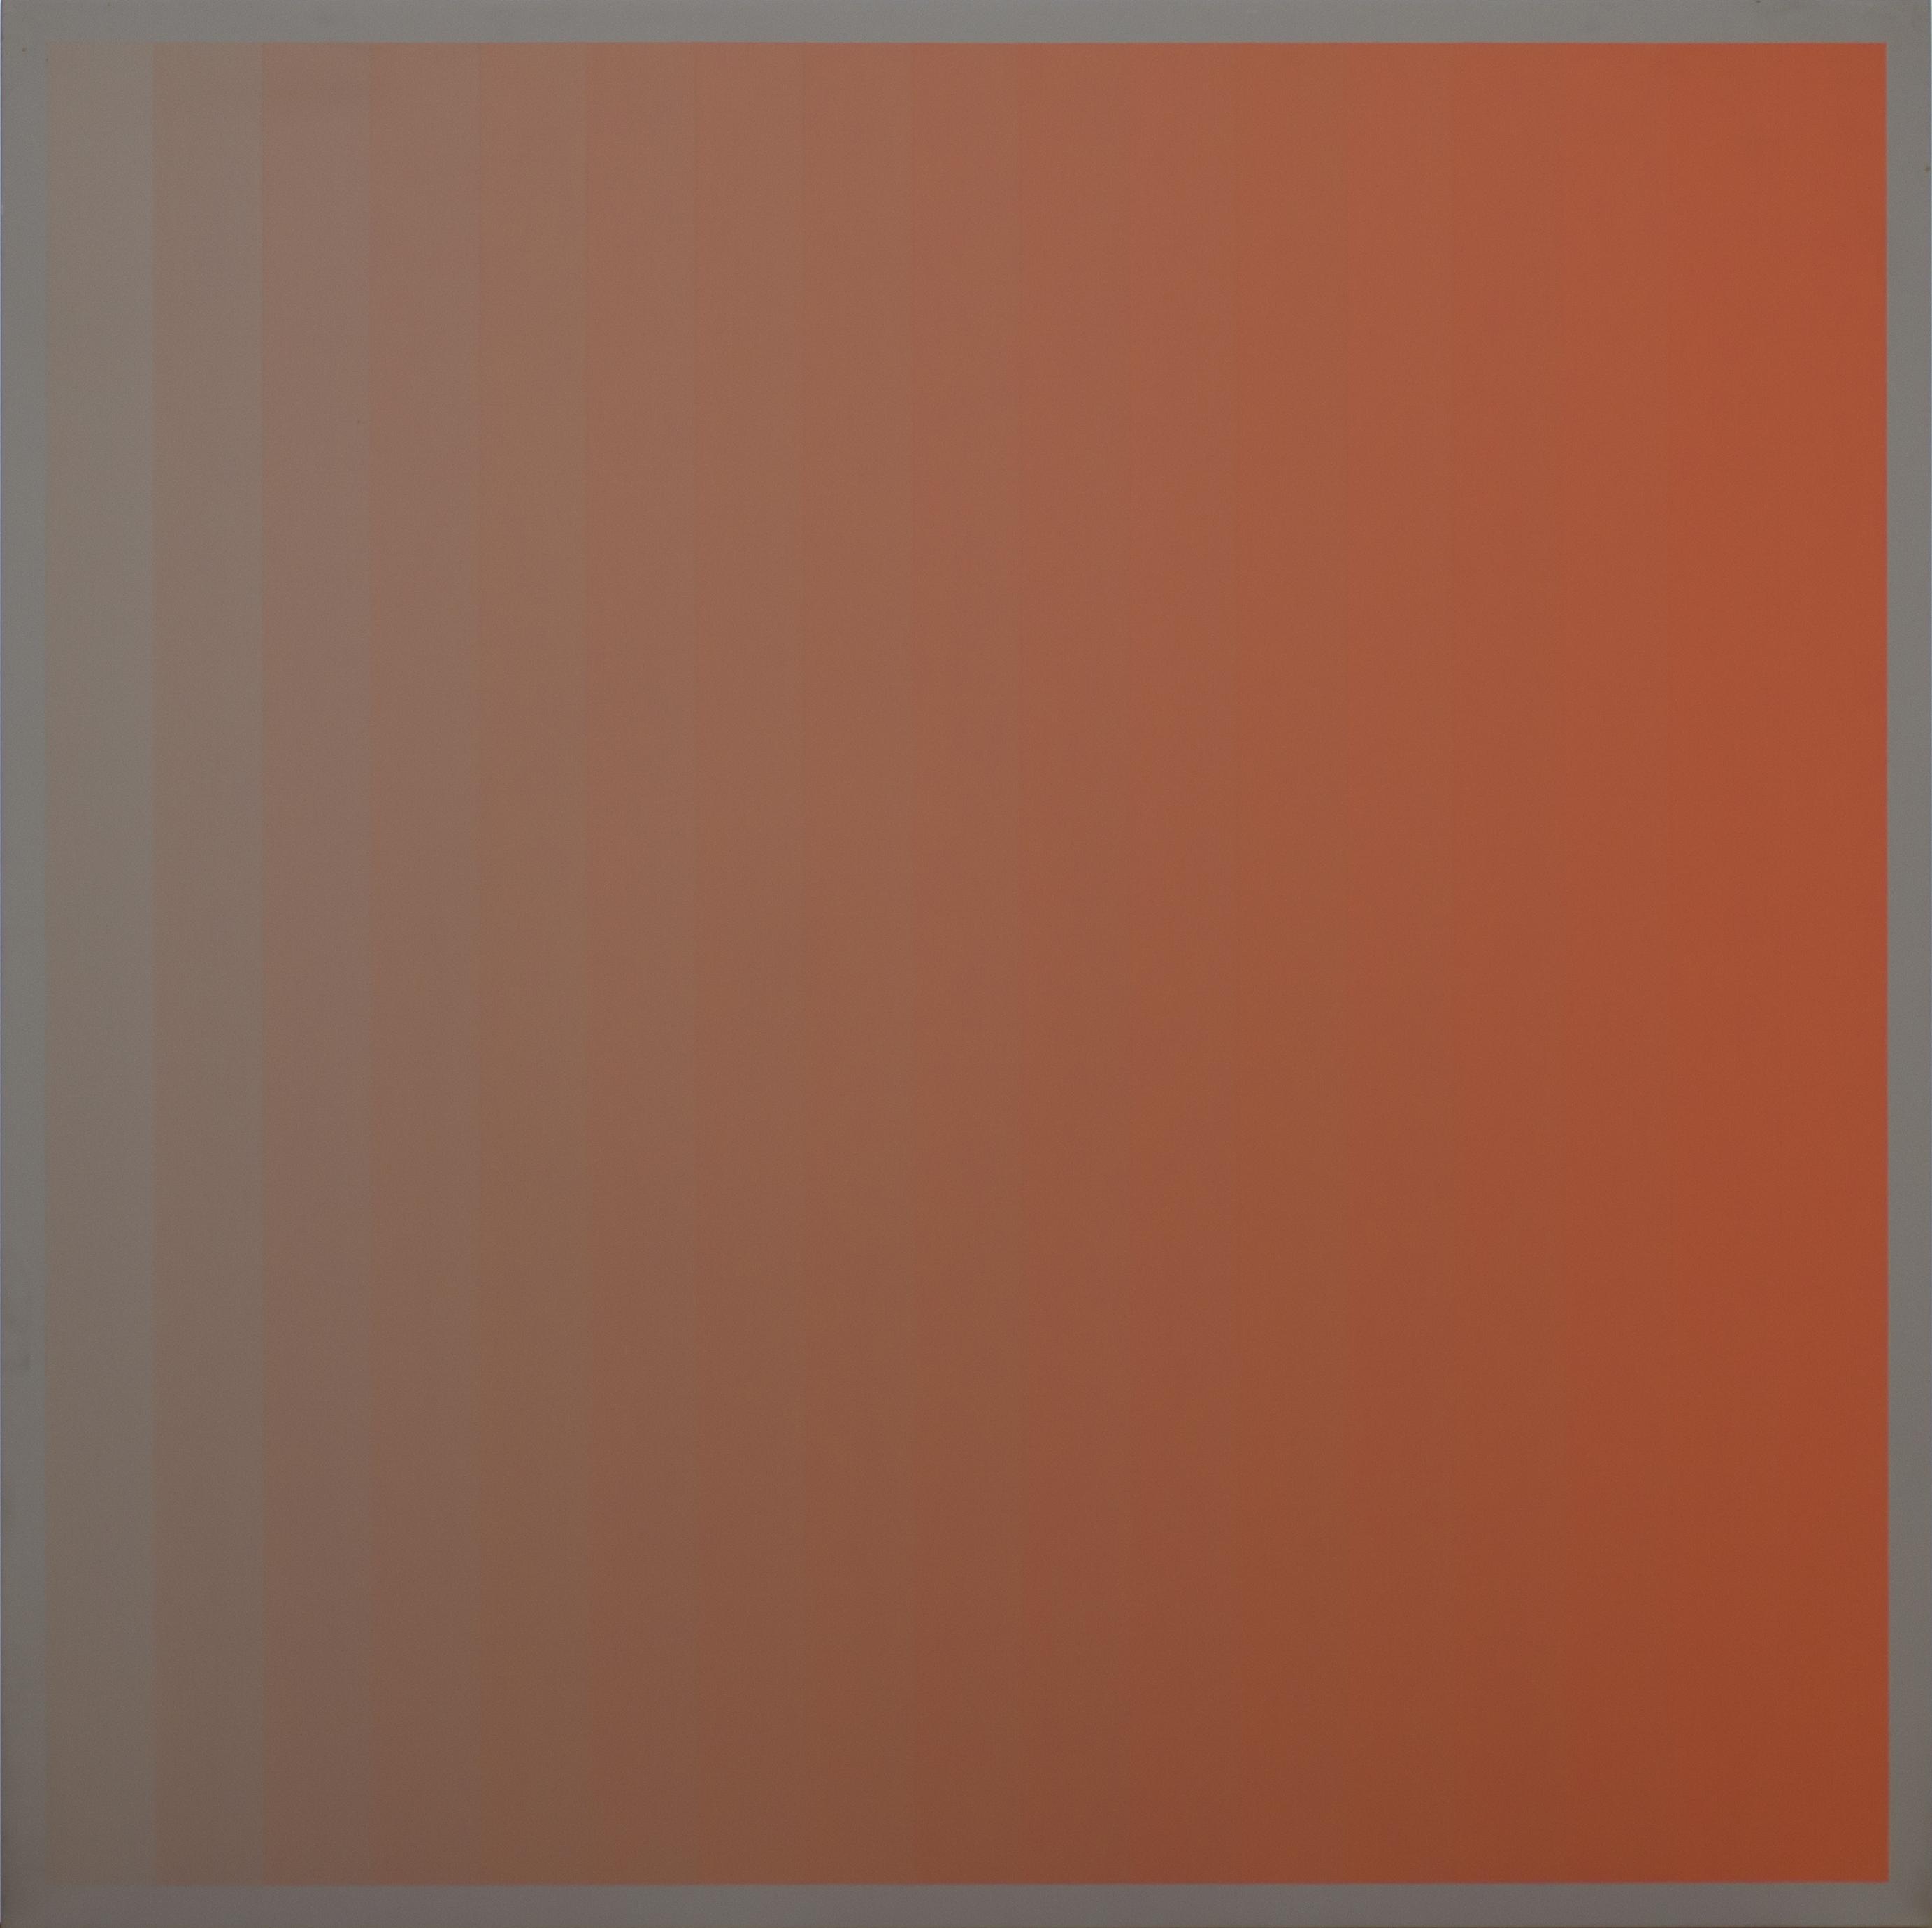 Christian Roeckenschuss | K319, 100 x 100 cm, Alkydharzfarbe auf Phenapan